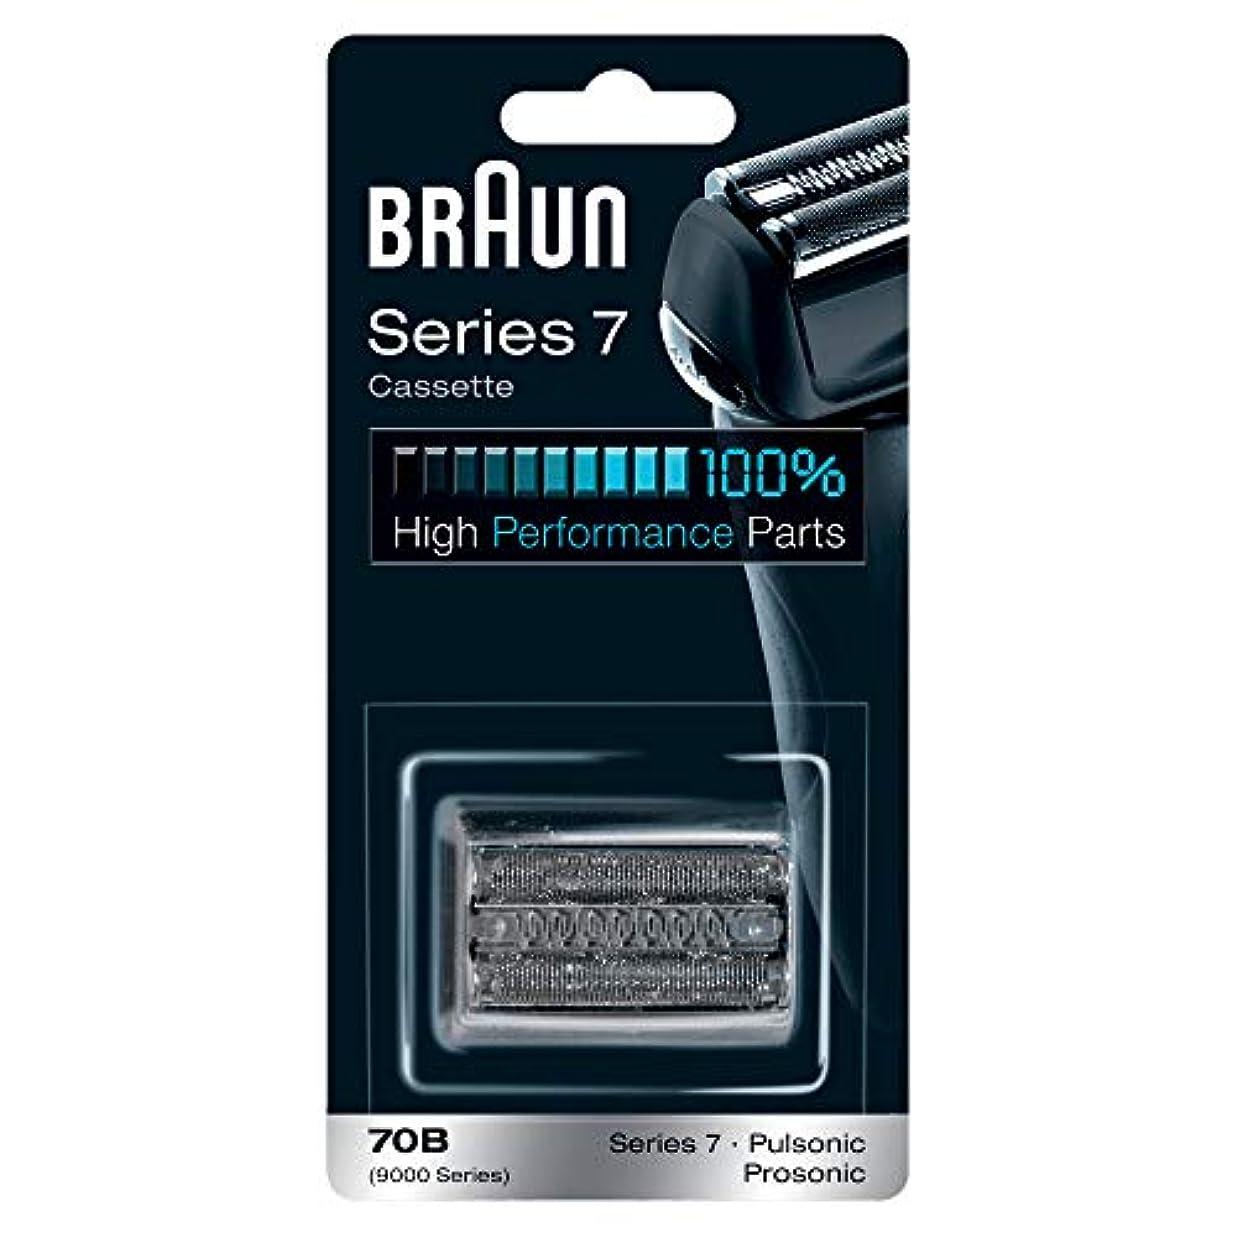 登録含意権限Braun ブラウン シェーバー替刃 網刃?内刃一体型カセットシリーズ7用 ブラック F/C70B-3 【790cc/765cc/760cc/750cc/740s-6/720s】 並行輸入品